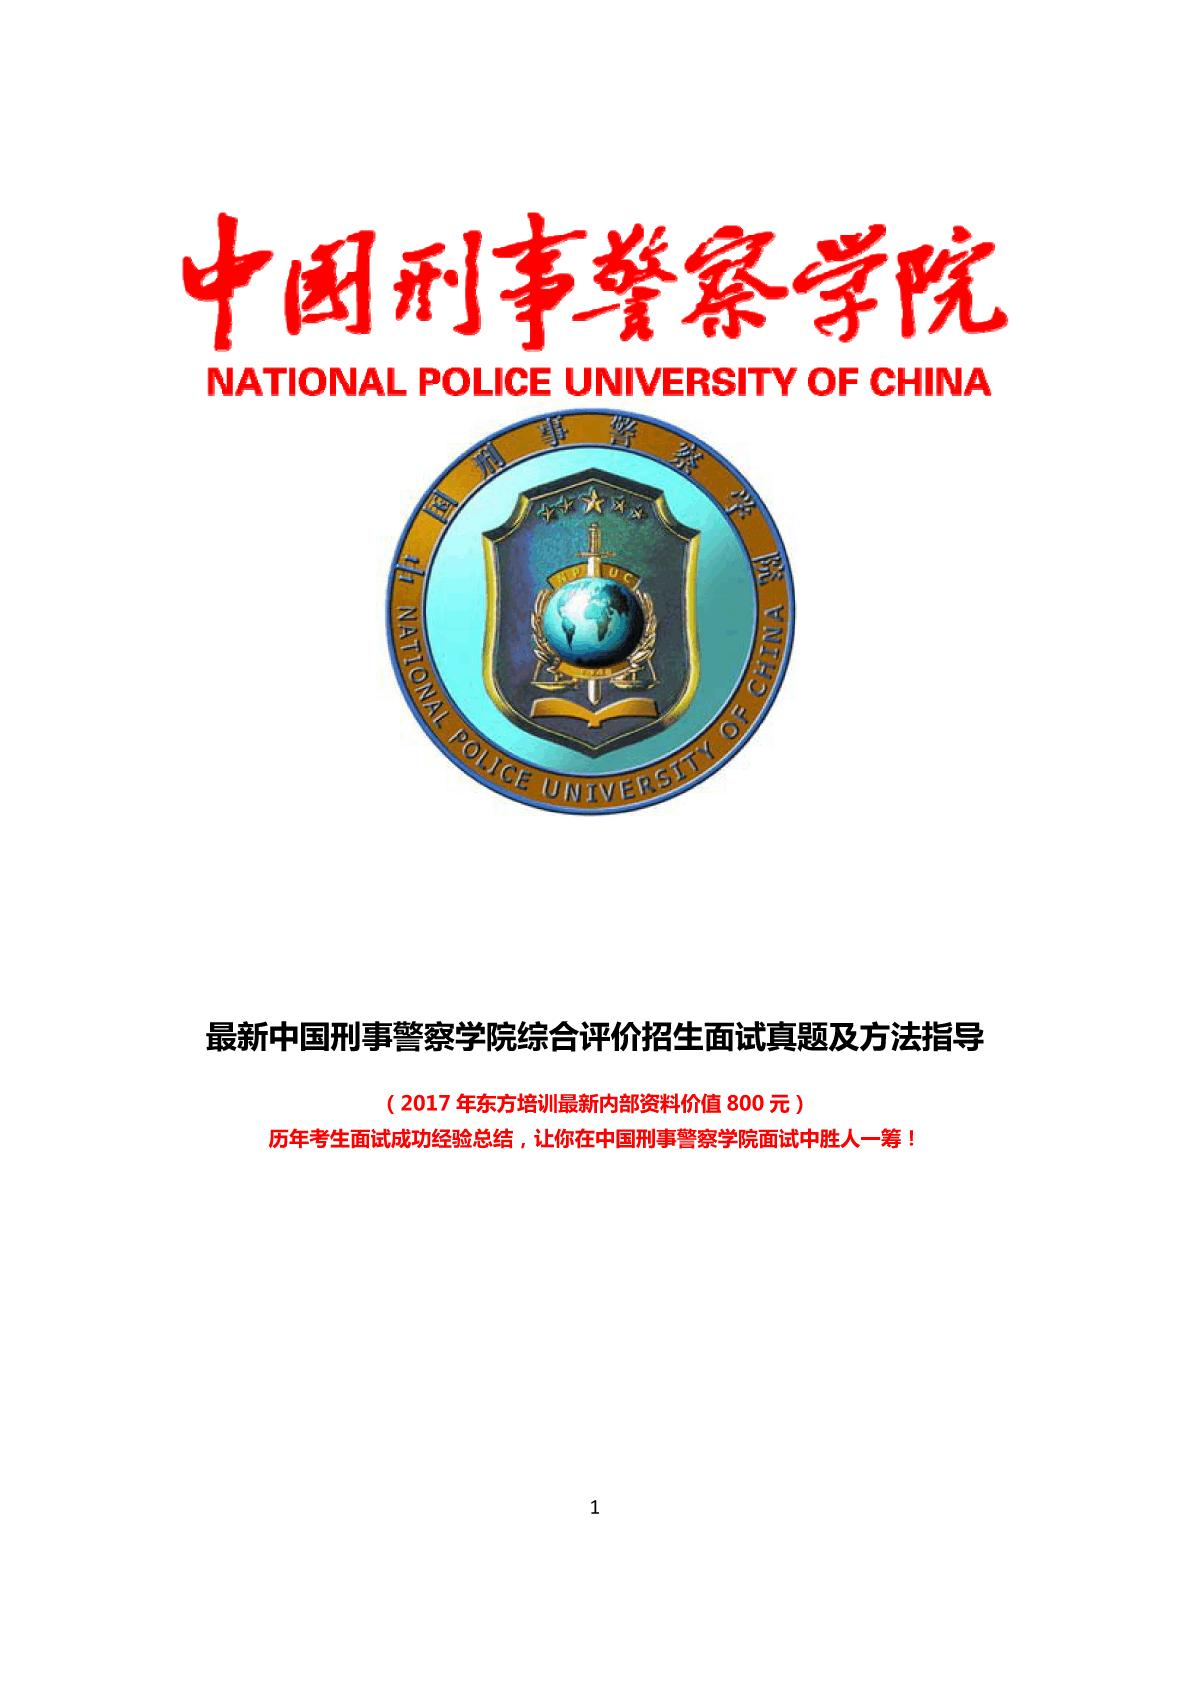 最新版中国刑事警察学院综合素质测试面试题历年总结答案